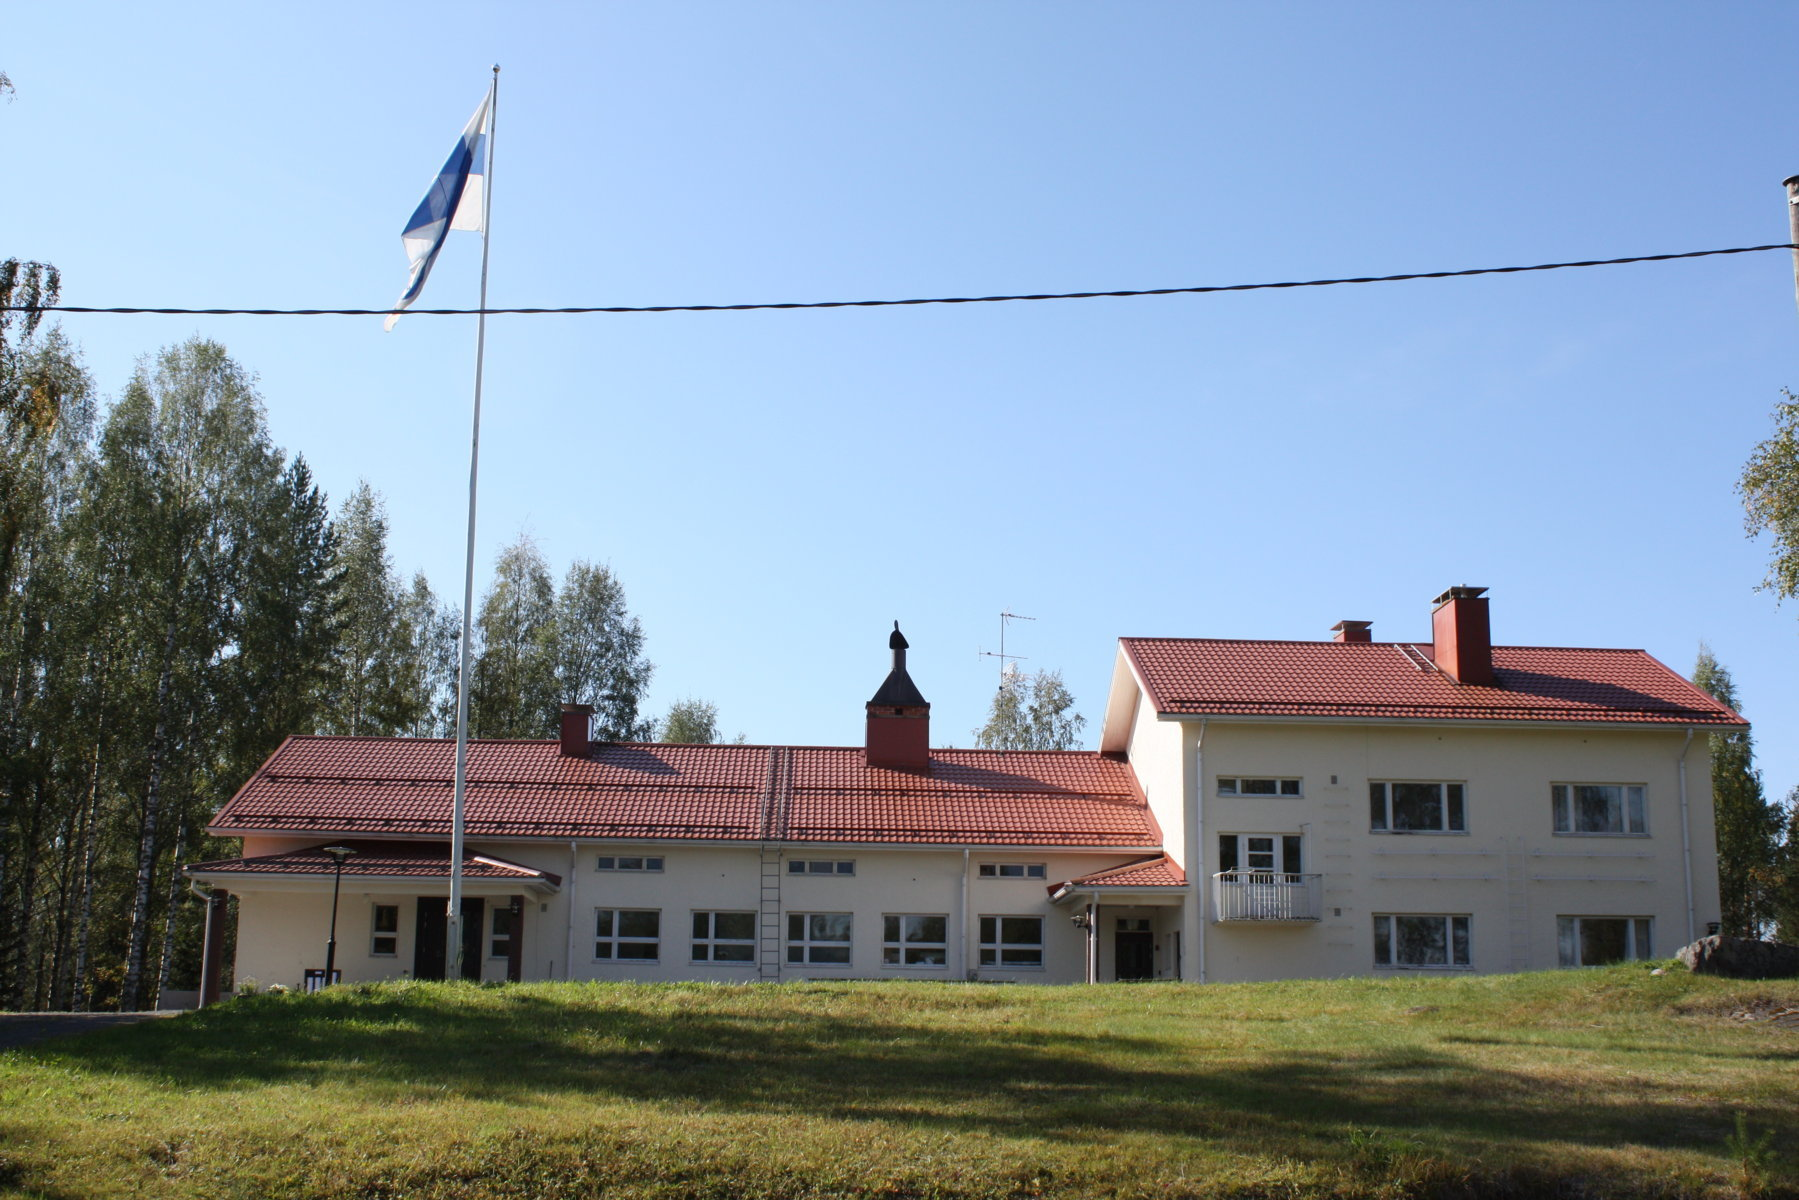 Toimitila, Mäenkylänkoulutie 40, Etelä-Savo, Kangasniemi